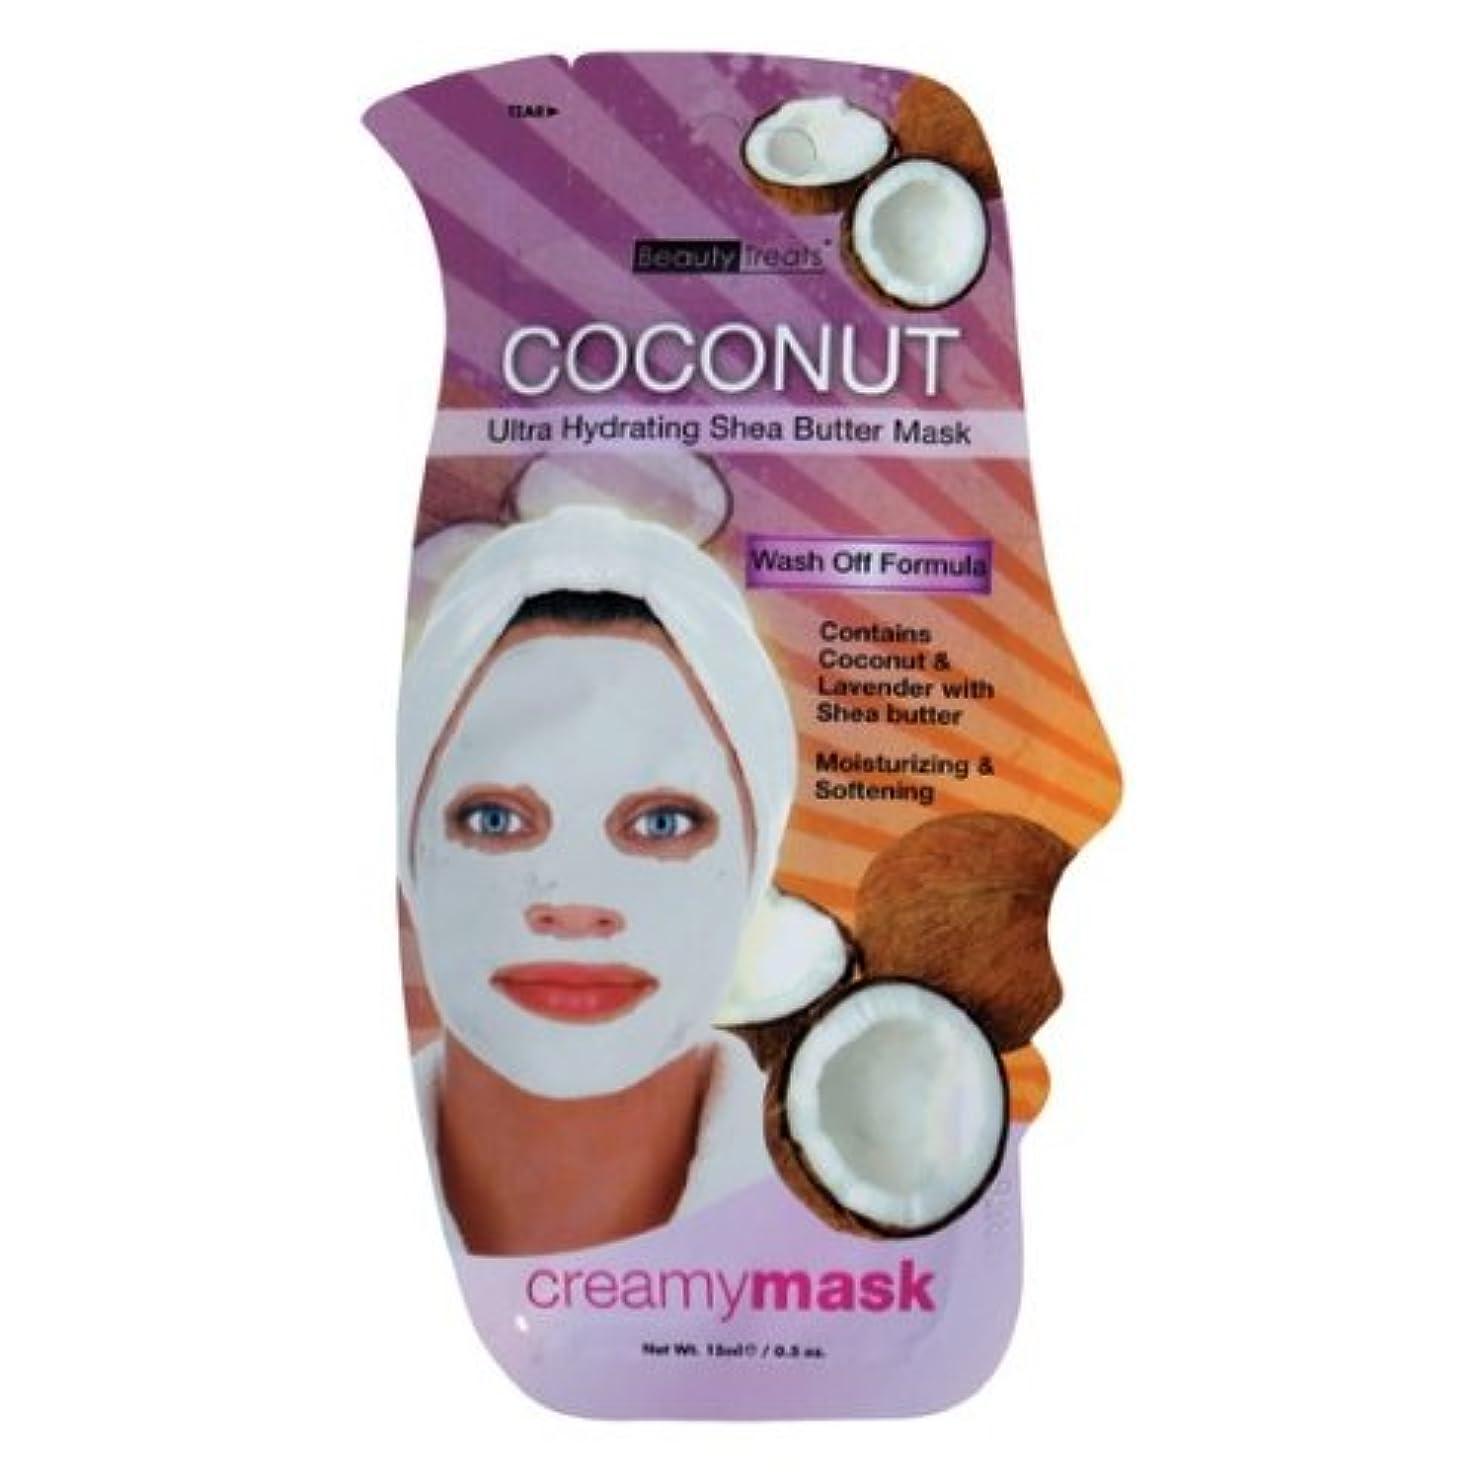 ジャンク証明スローガン(3 Pack) BEAUTY TREATS Coconut Ultra Hydrating Shea Butter Mask - Coconut (並行輸入品)